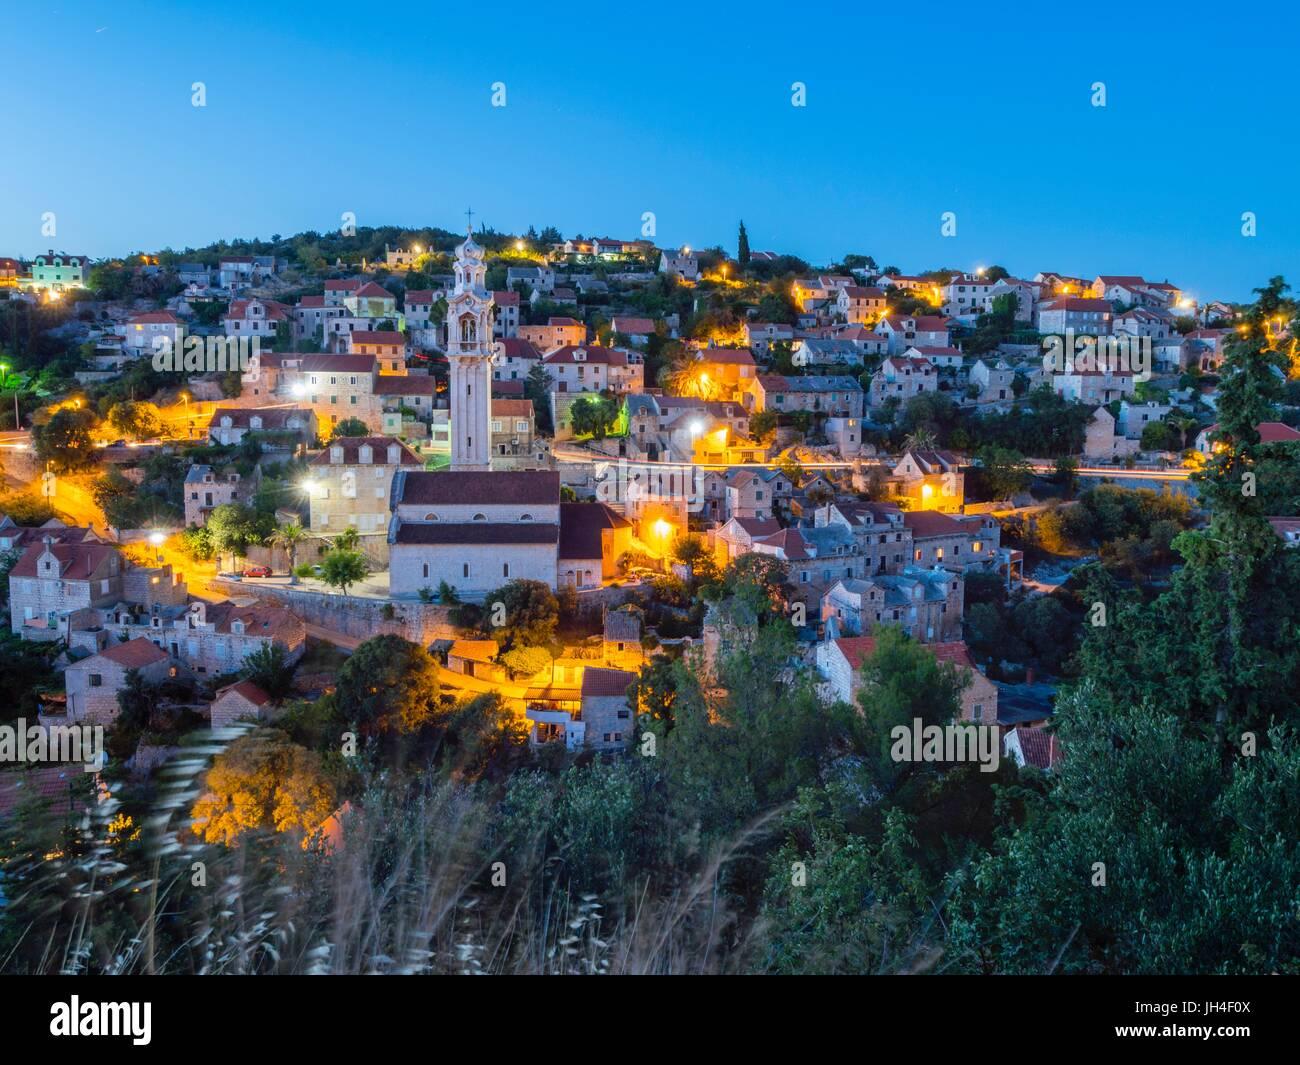 Lozisca auf der Insel Brac in Kroatien Abend dämmerung Dämmerung ...